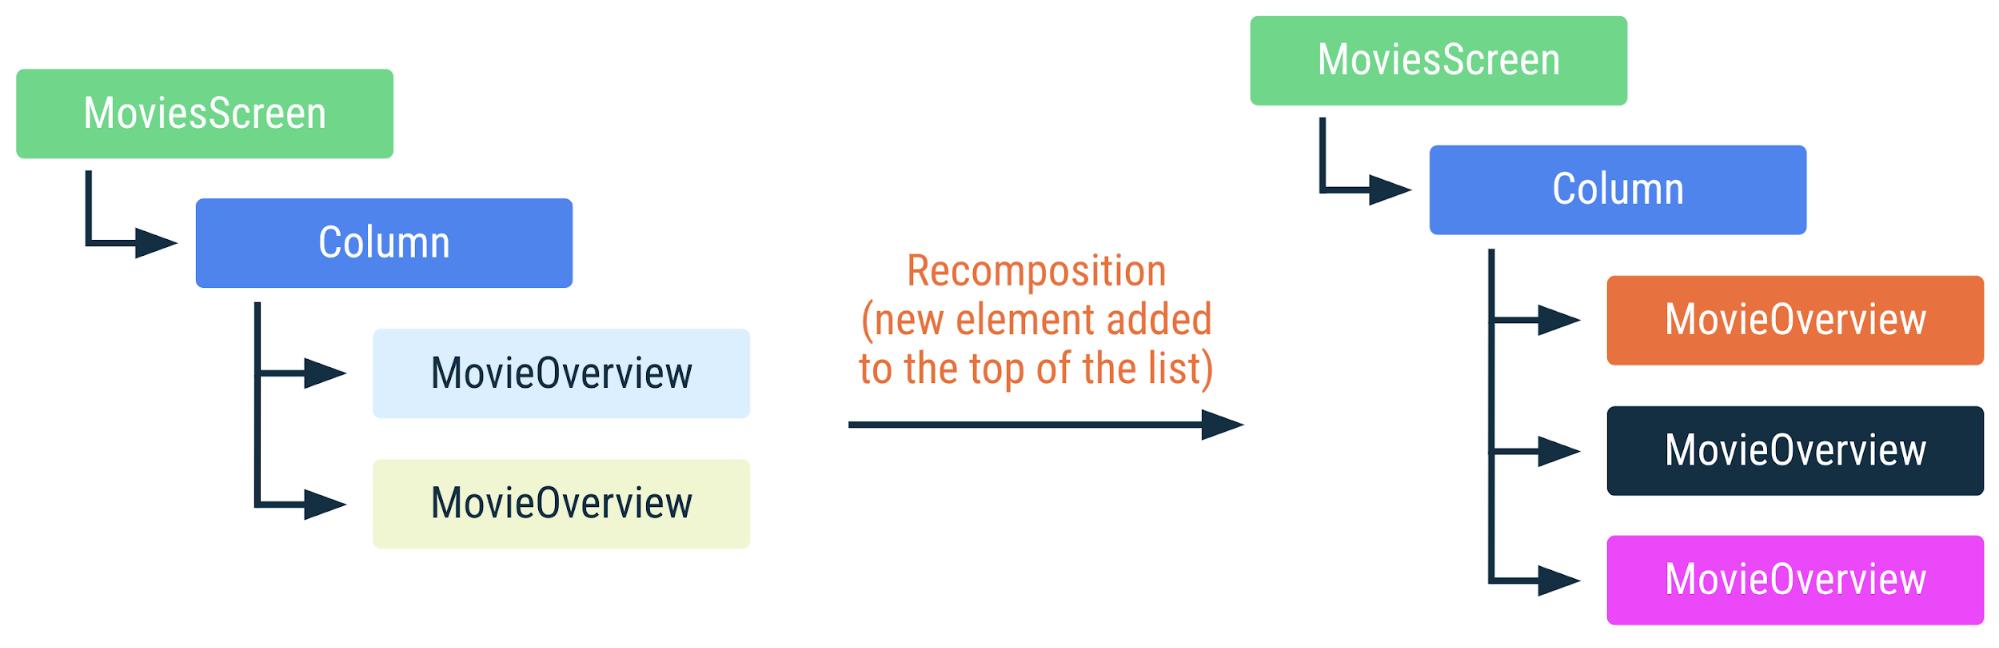 Diagrama mostrando como ocorre a recomposição do código anterior se um novo elemento for adicionado ao topo da lista. Todos os outros itens da lista mudam de posição e precisam ser recompostos.